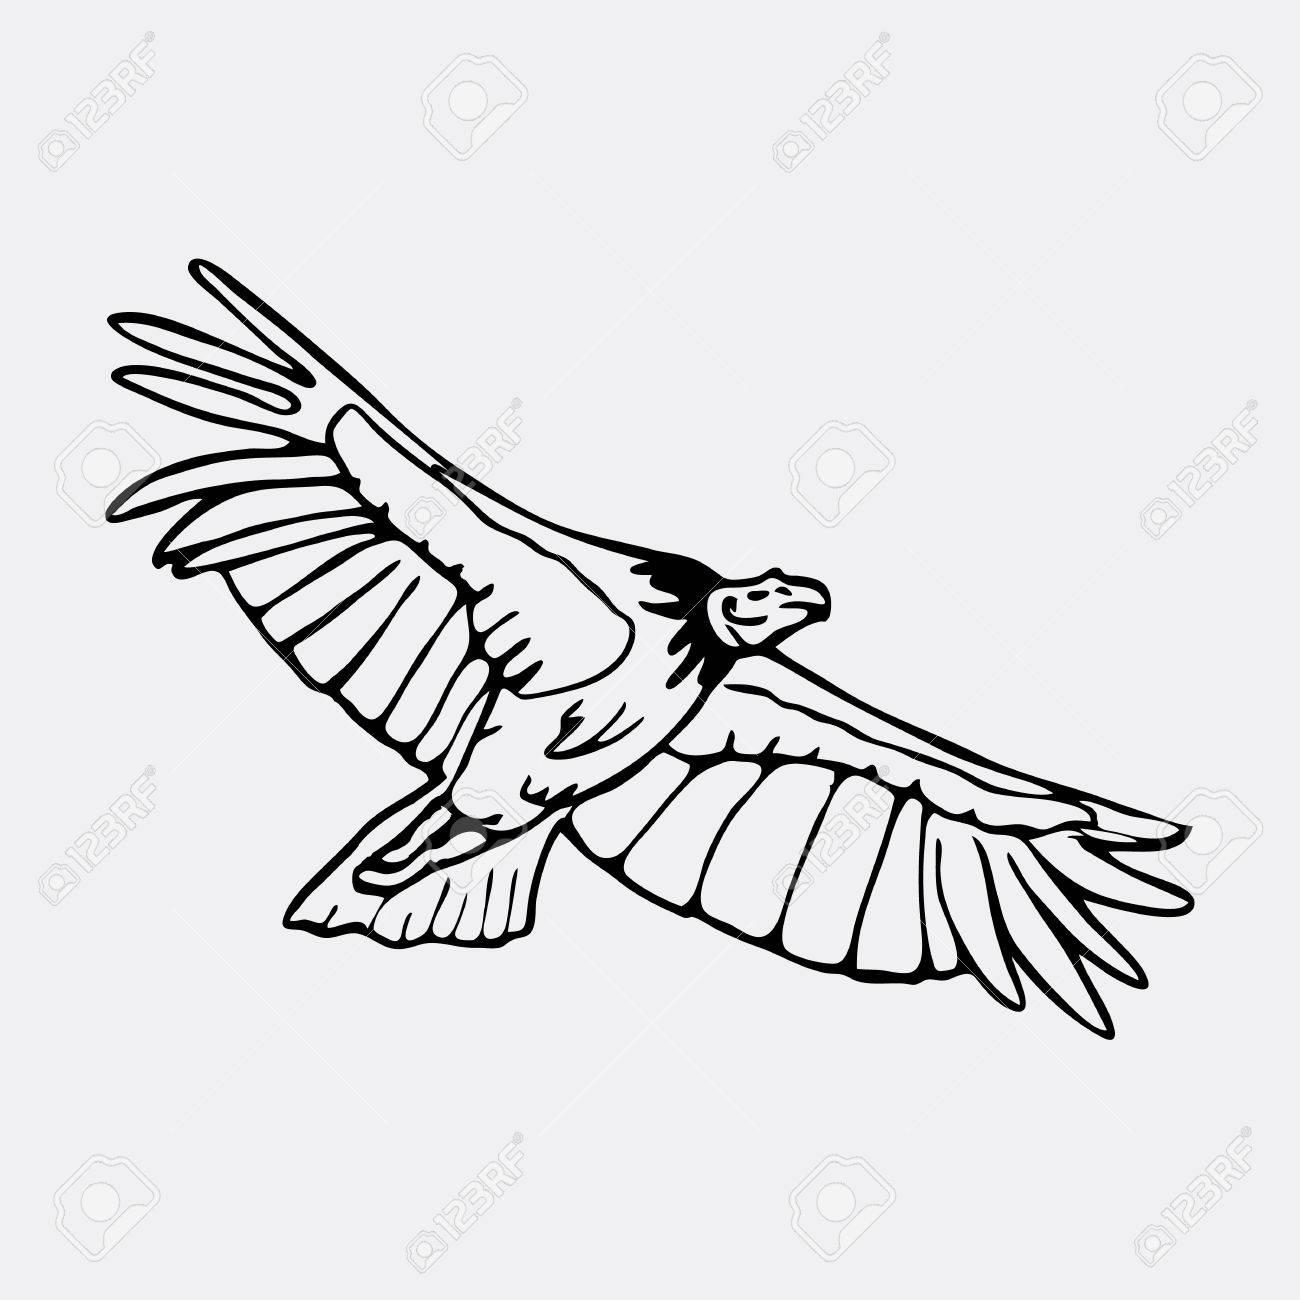 Gráficos Lápiz El Buitre El águila El águila Pescadora Halcón Carroñero Condor Dibujado A Mano Grabado Estilo De La Plantilla Logotipo